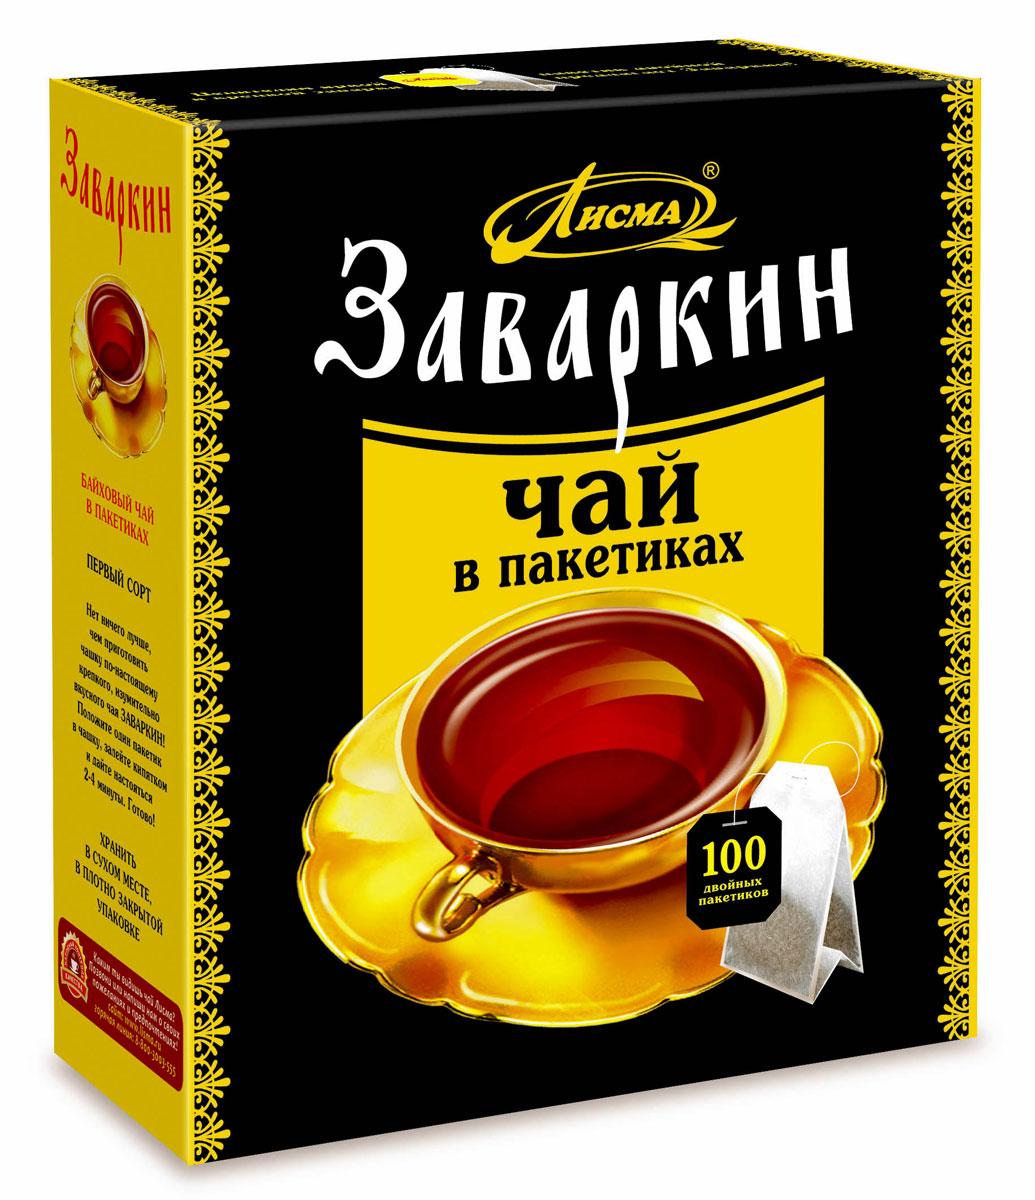 Лисма Заваркин черный чай в пакетиках, 100 шт203003Лисма Заваркин - индийский черный байховый чай в пакетиках. Коробка содержит 100 пакетиков по 1,5 грамма.Всё о чае: сорта, факты, советы по выбору и употреблению. Статья OZON Гид